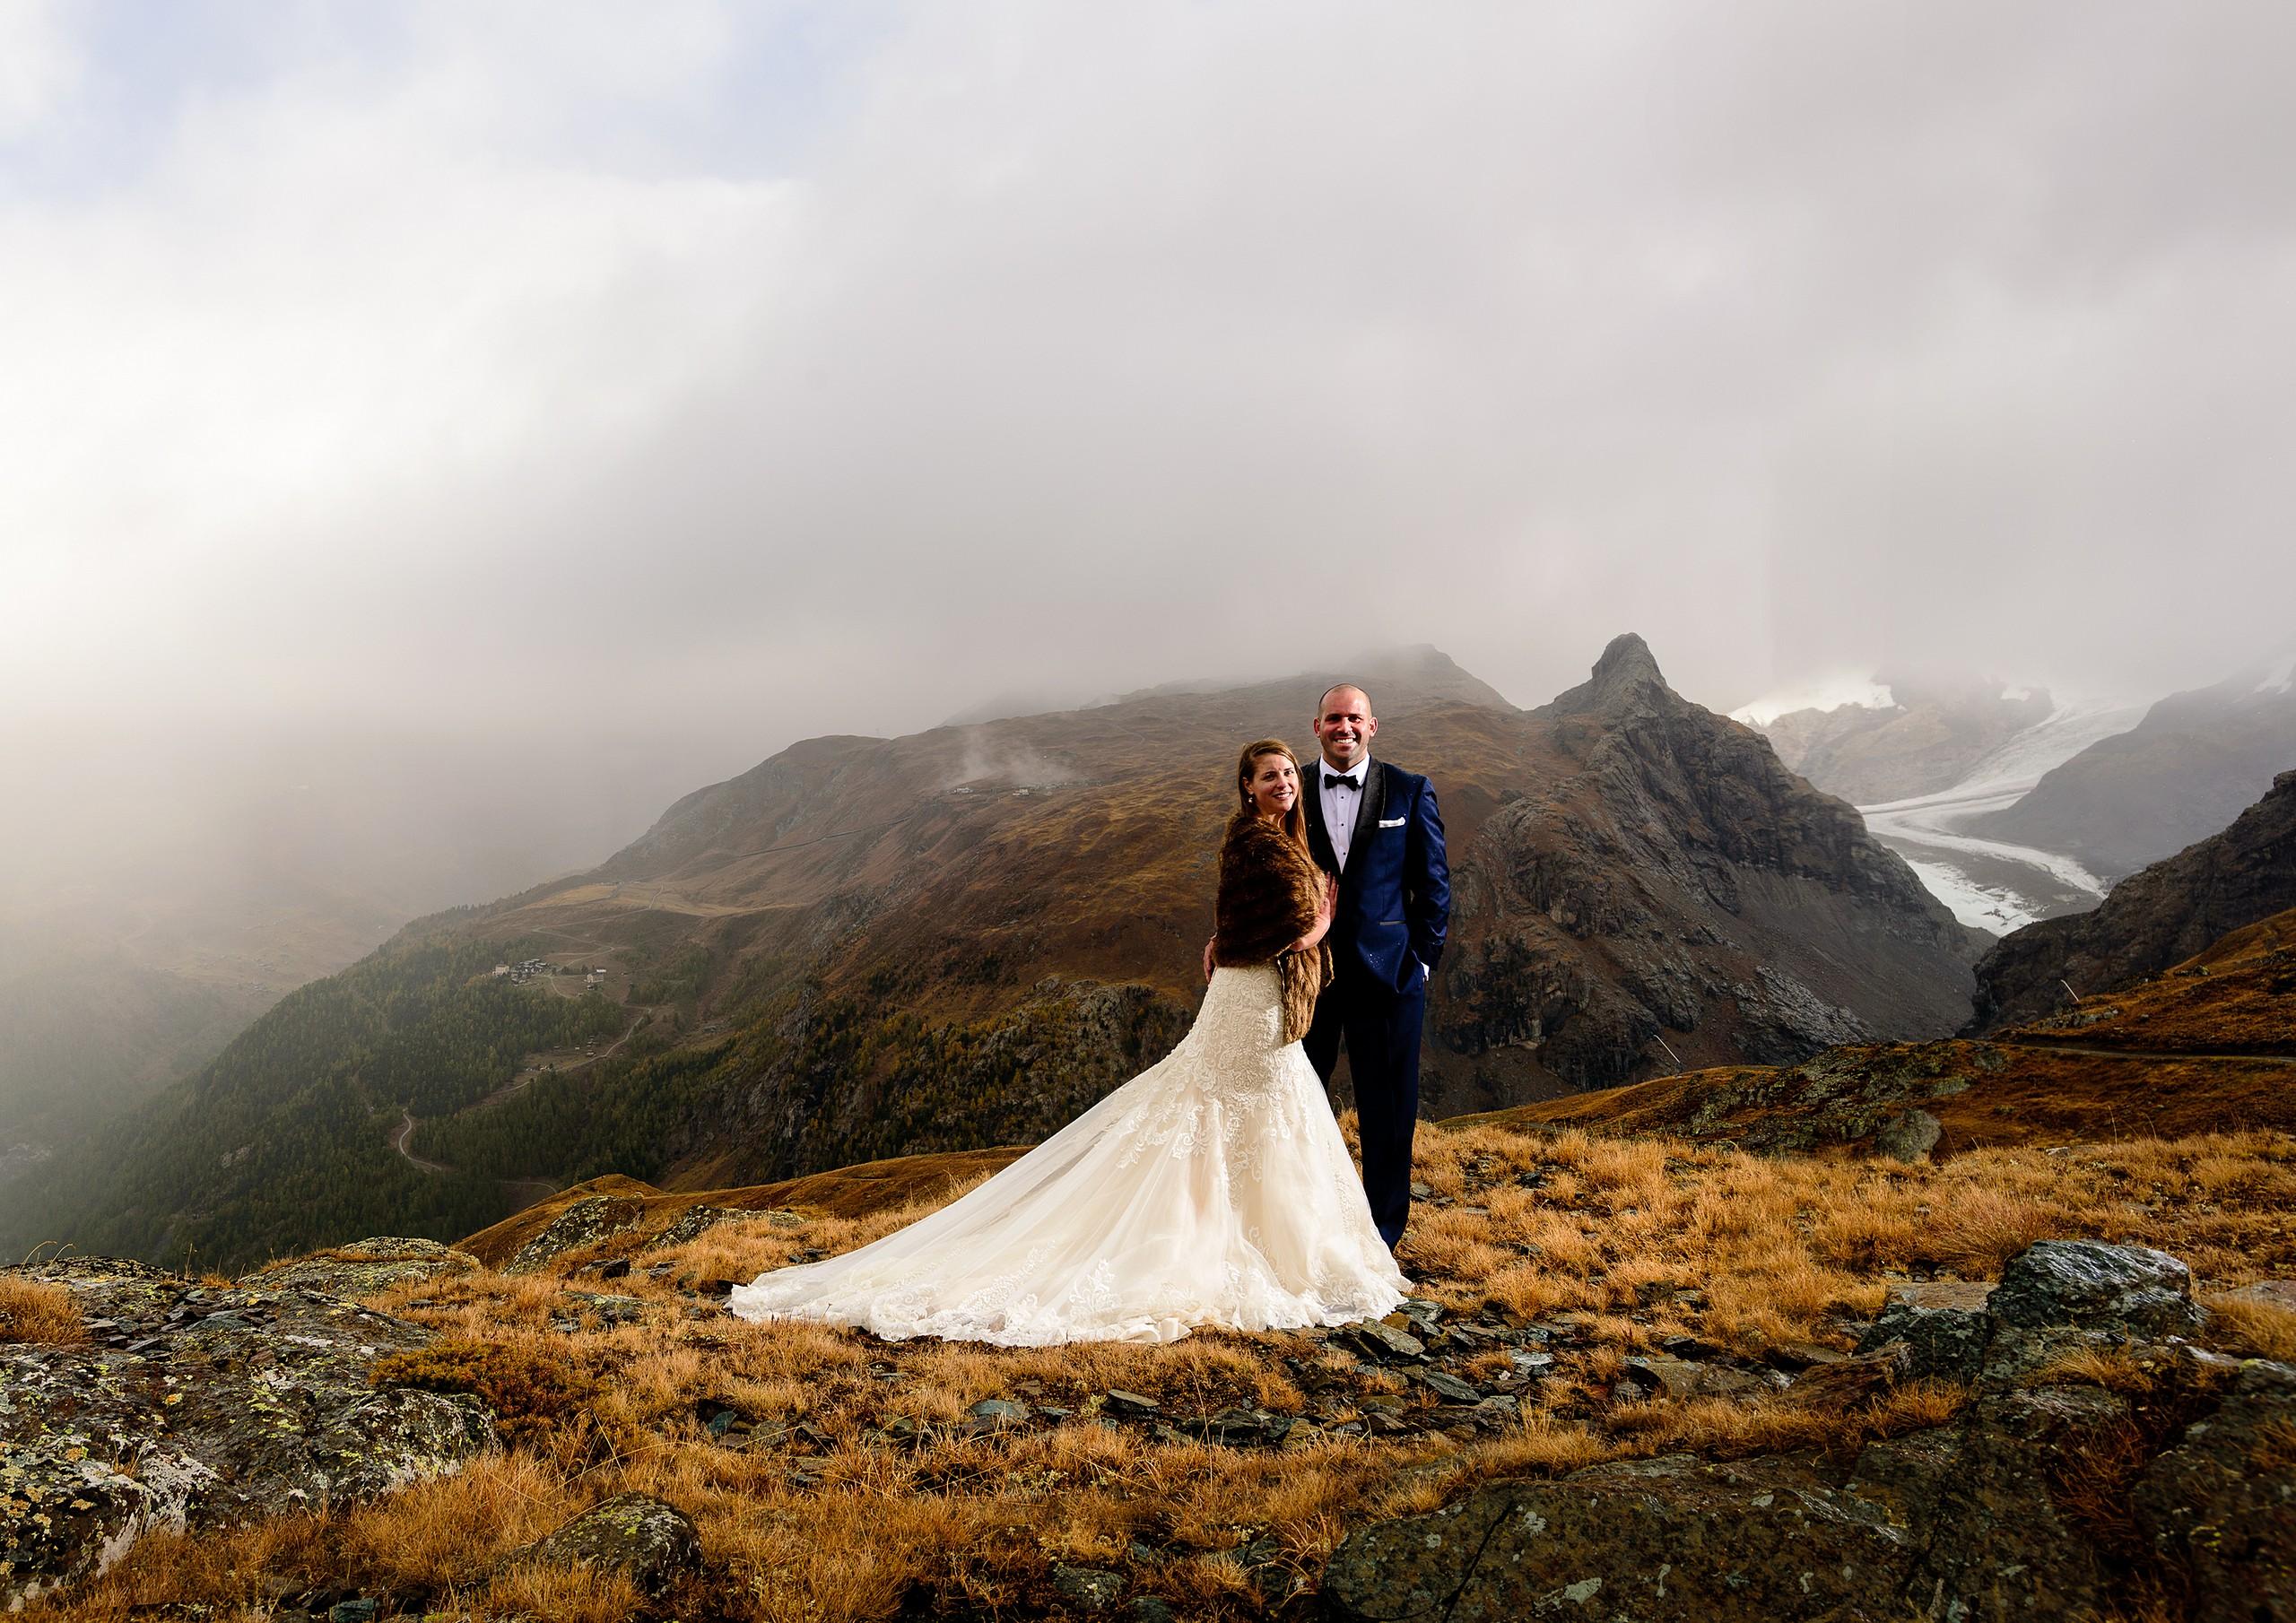 Summer zermatt wedding 2